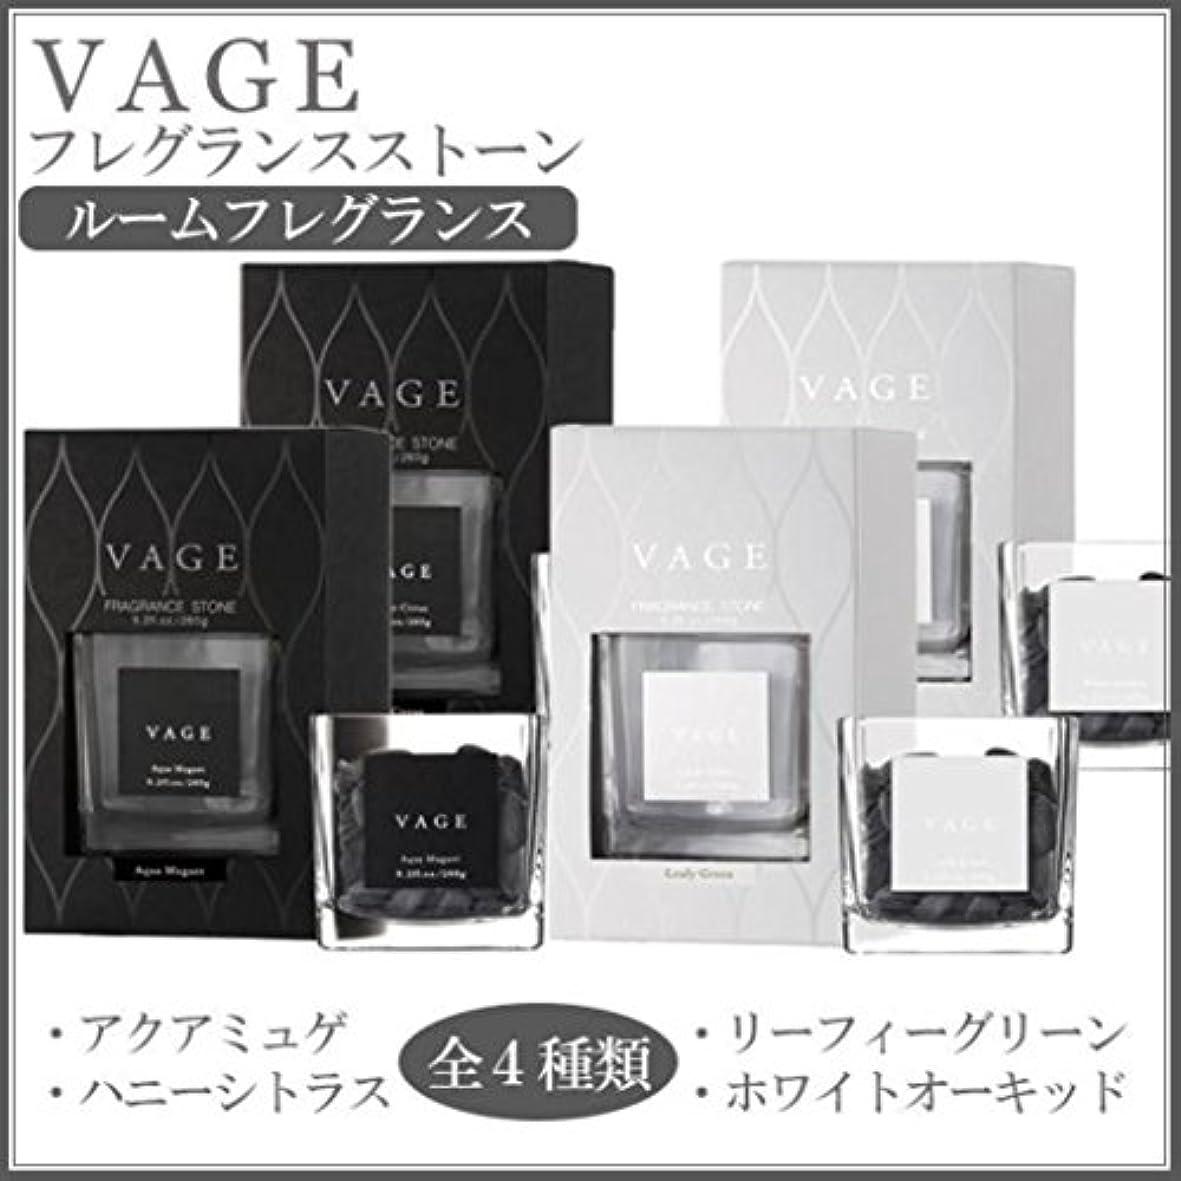 VAGE(バーグ) フレグランスストーン ルームフレグランス 260g アクアミュゲ?6187